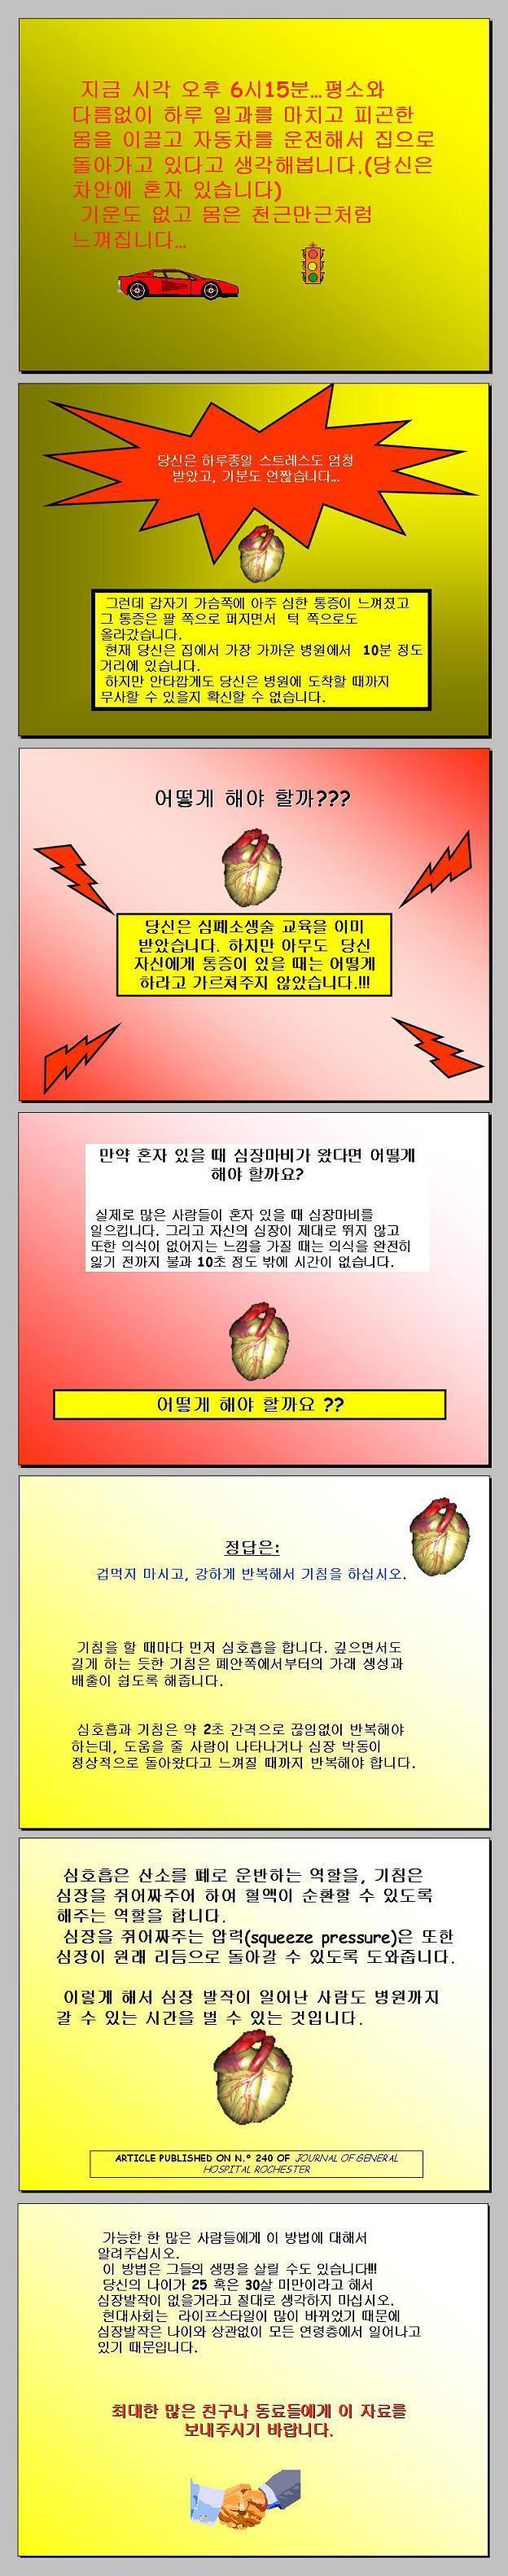 심장마비 대처법